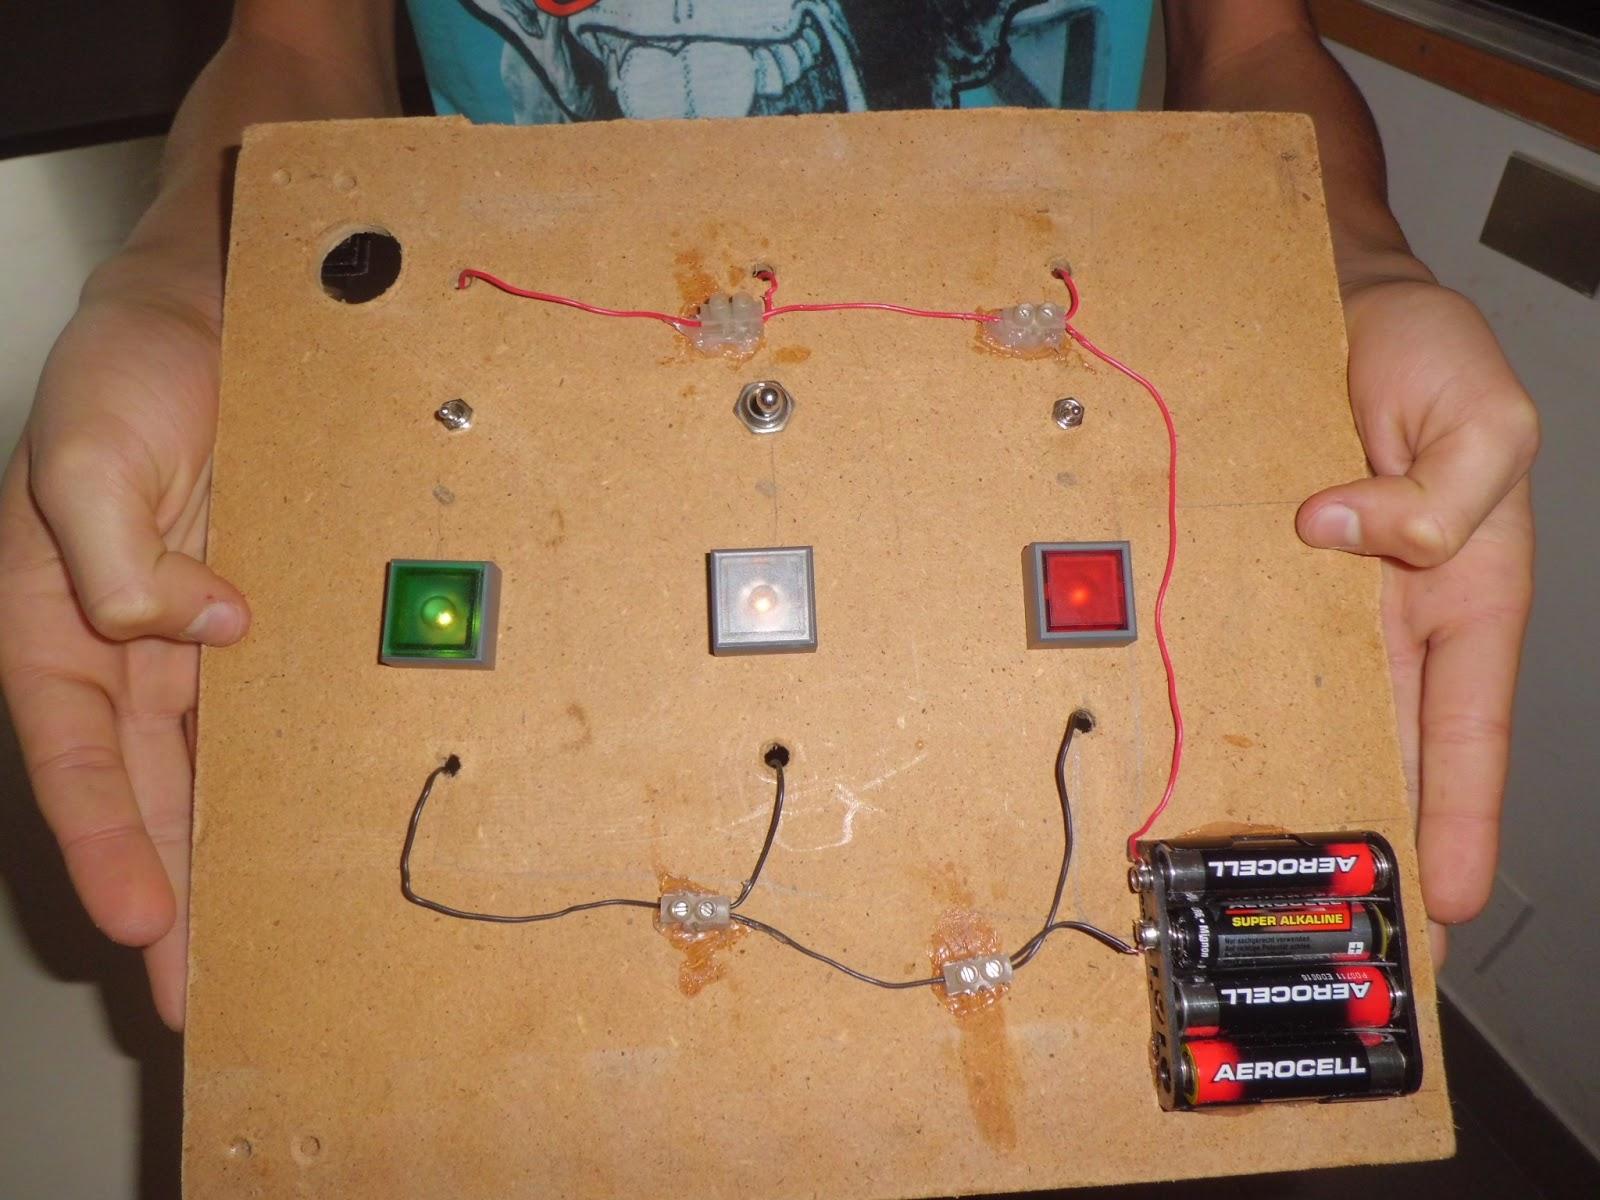 Schema Elettrico Per Scuola : Cellule numeri e altro un circuito elettrico tricolore